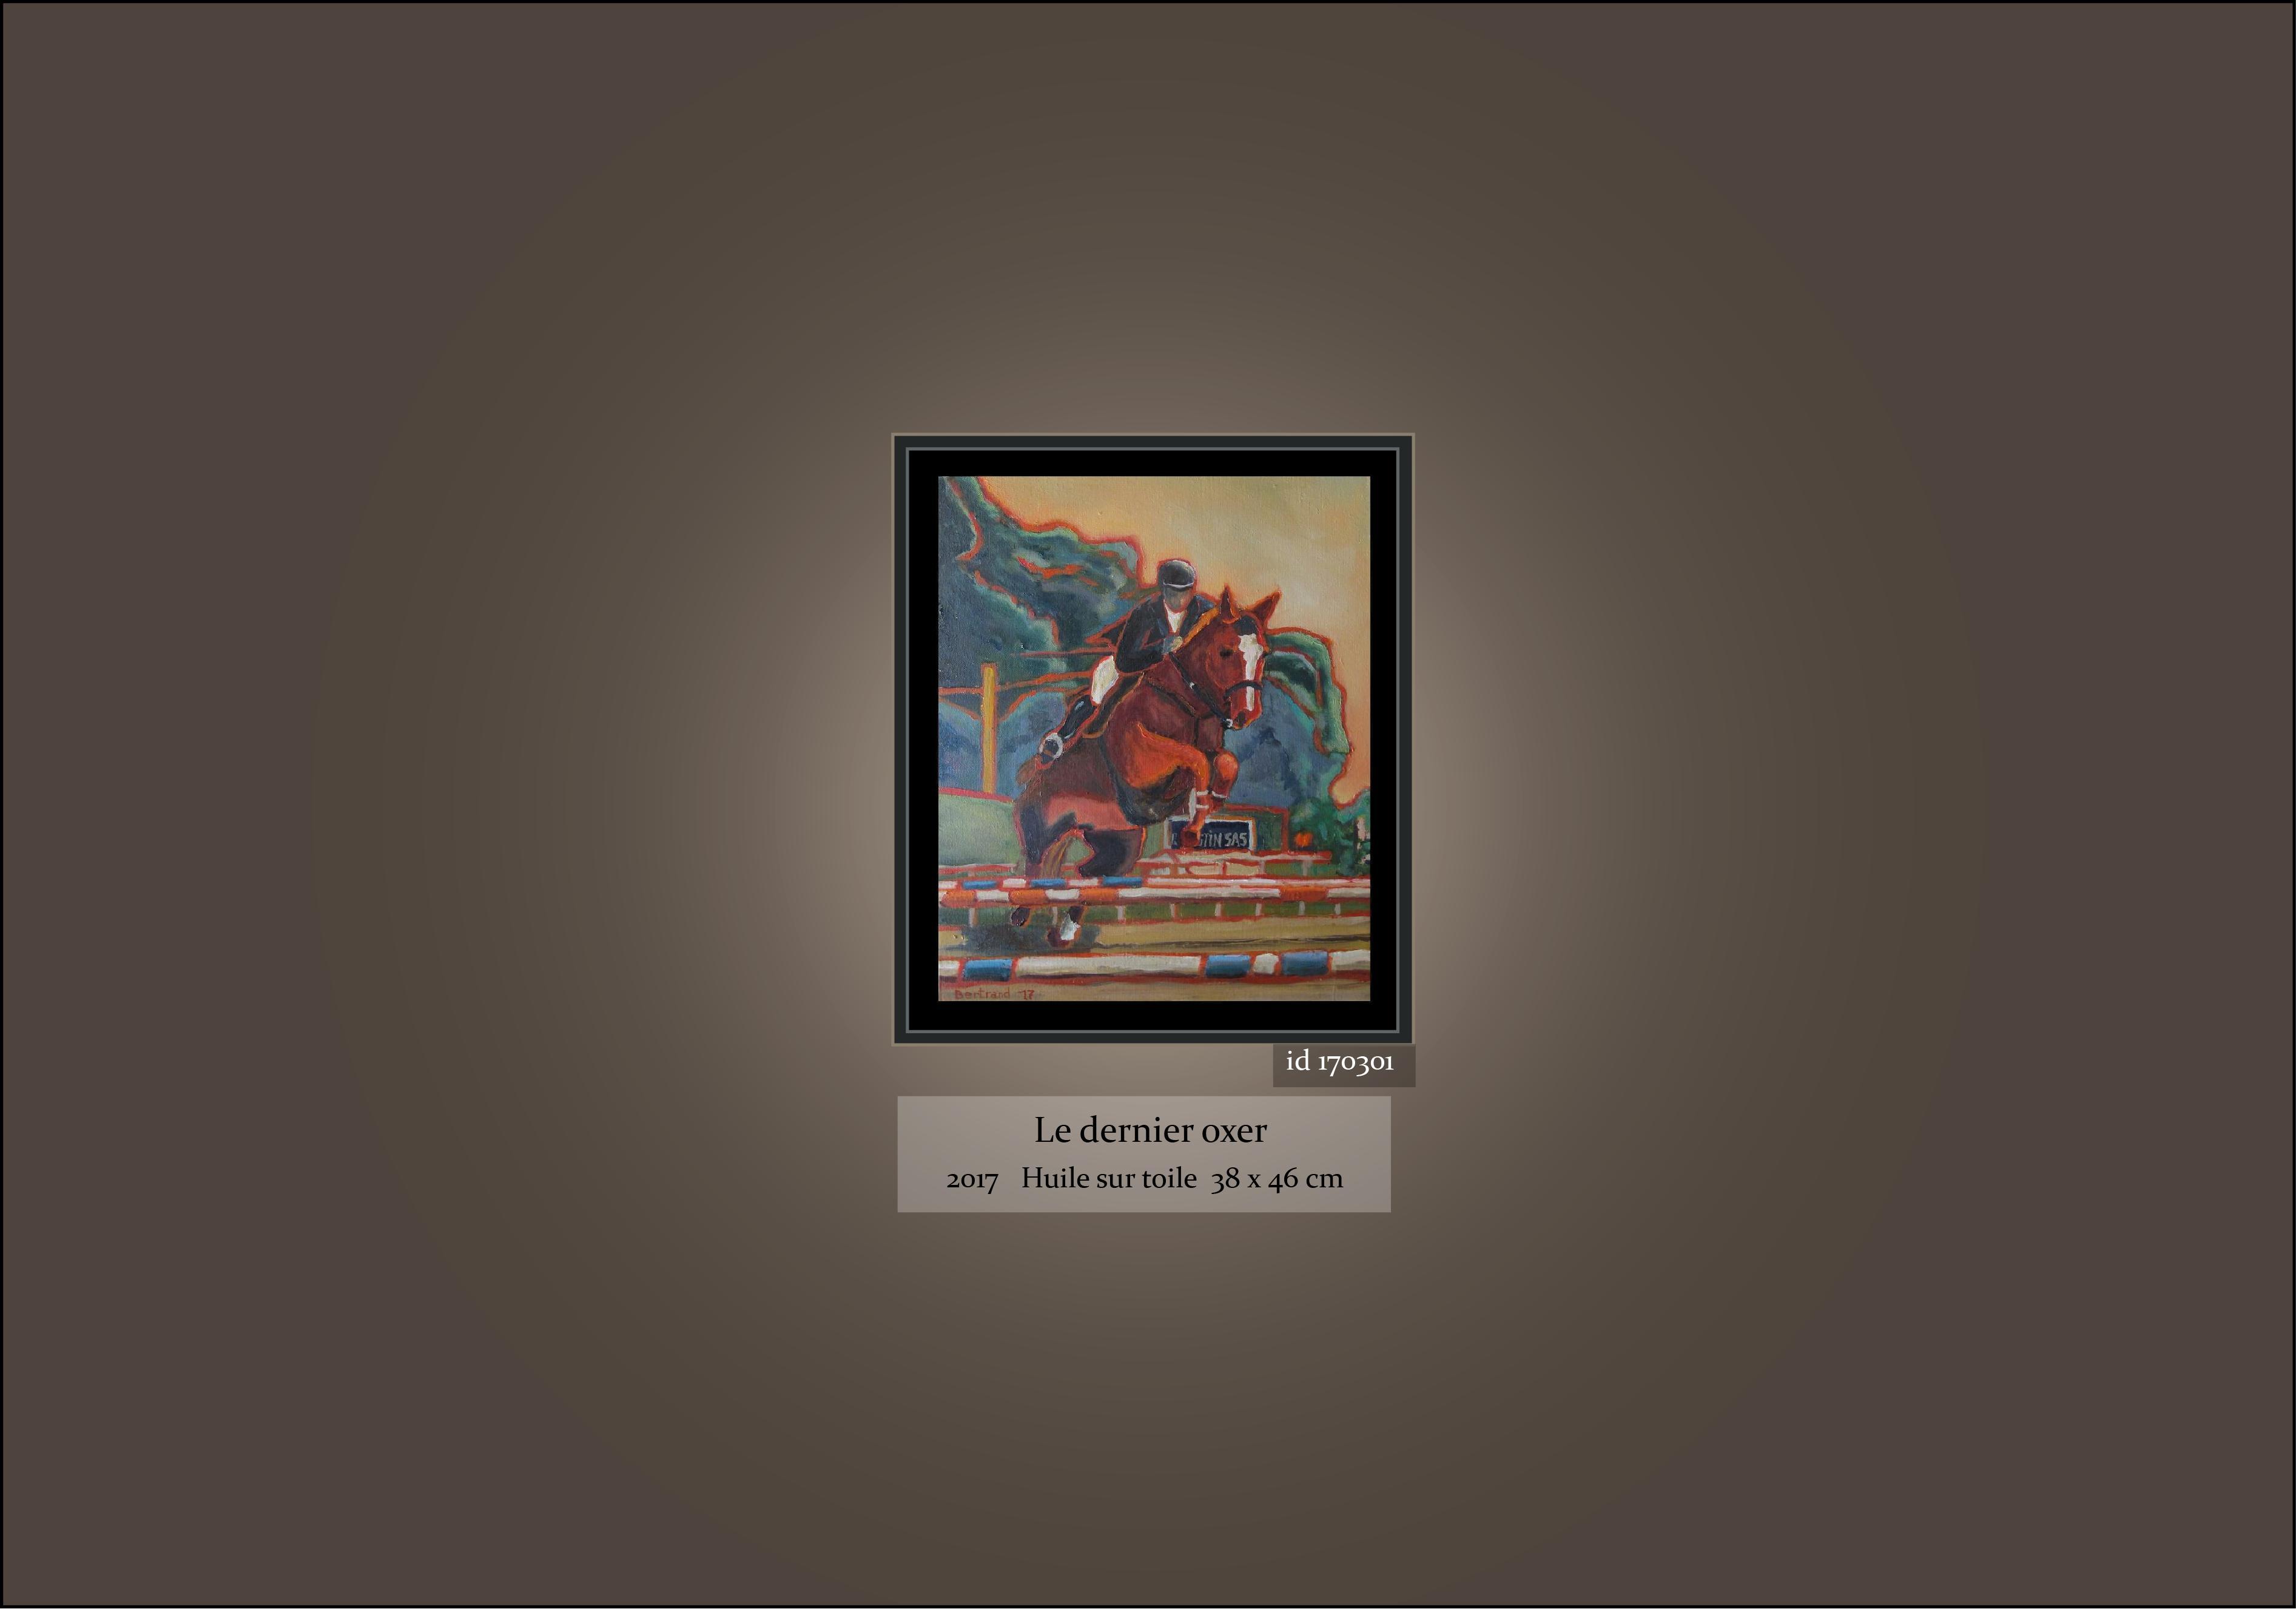 170301 LE DERNIER OXER